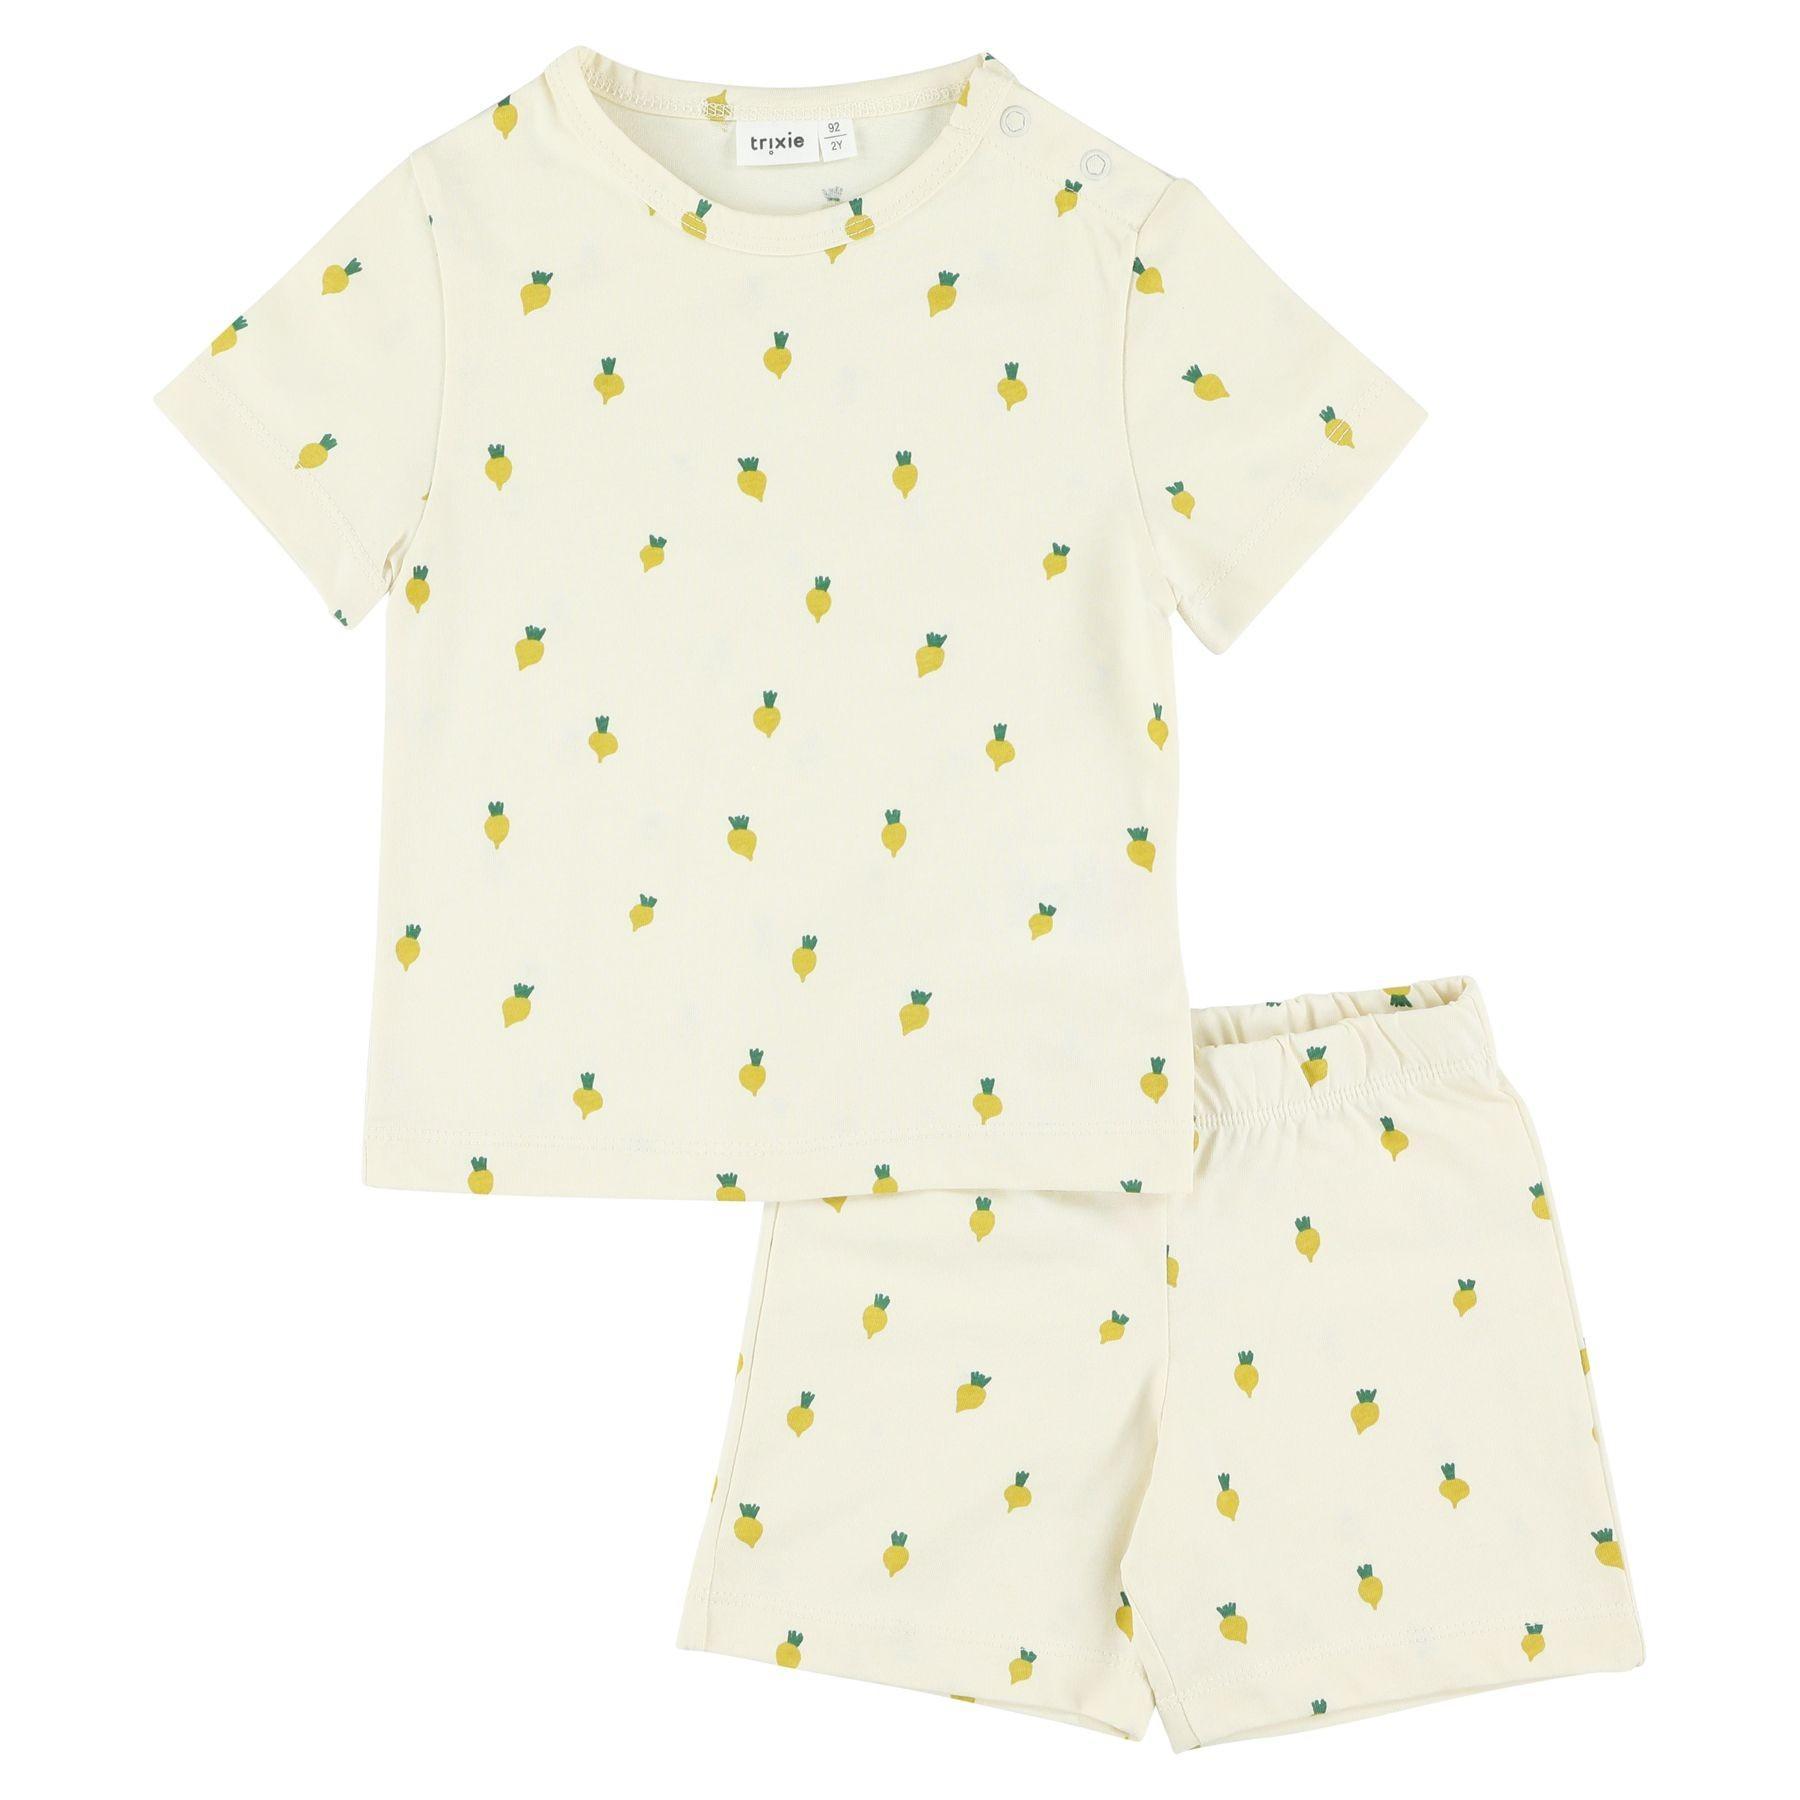 Trixie - 2-delige pyjama kort - Tiny Turnip - 10Y